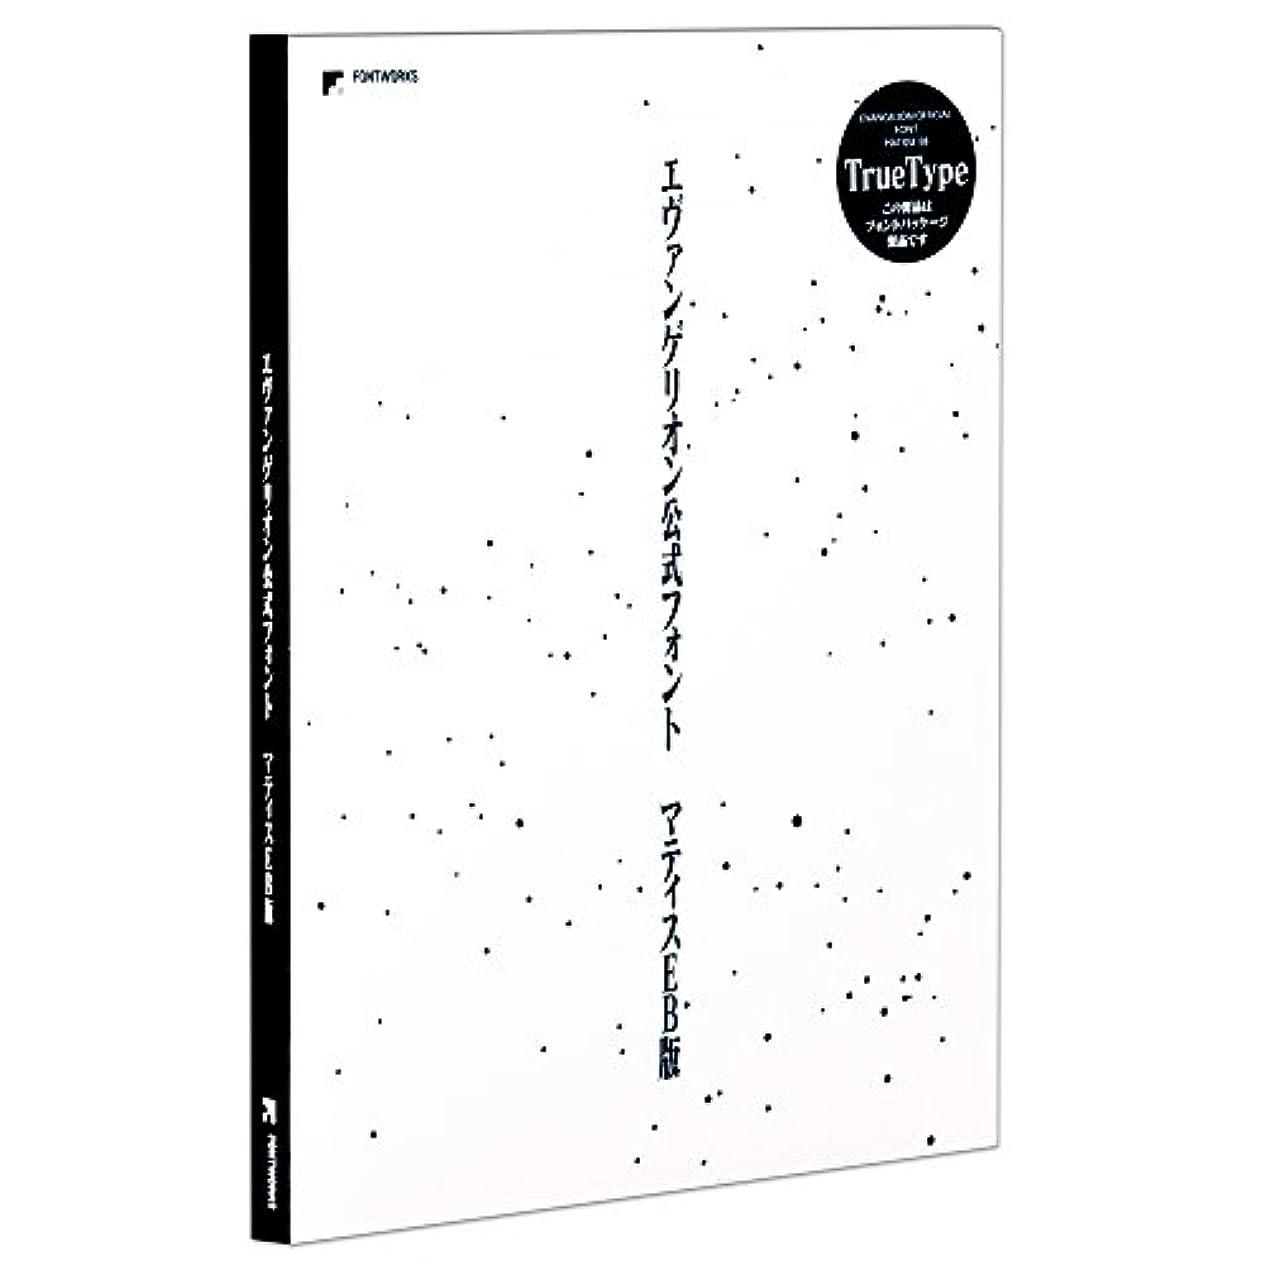 雑品合理化アベニューフォントワークス エヴァンゲリオン公式フォント マティスEB Truetype版